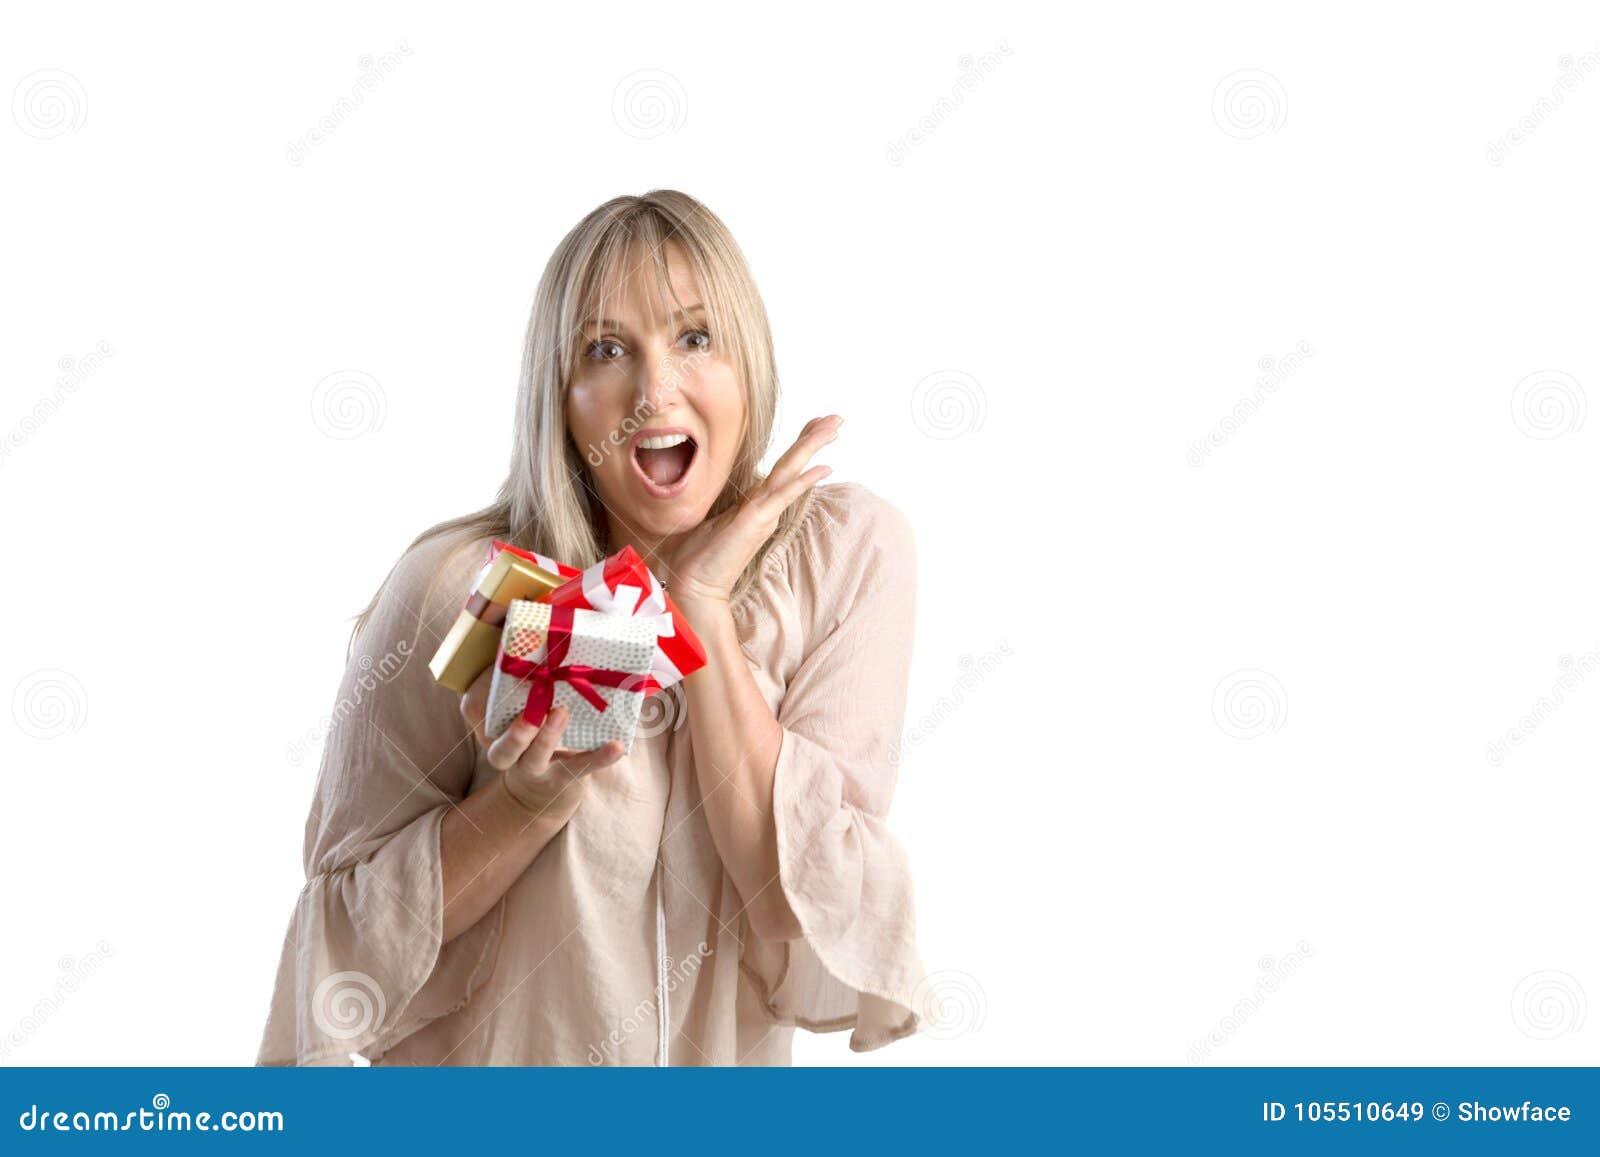 Έκπληκτα τυλιγμένα εκμετάλλευση δώρα γυναικών στο άσπρο υπόβαθρο